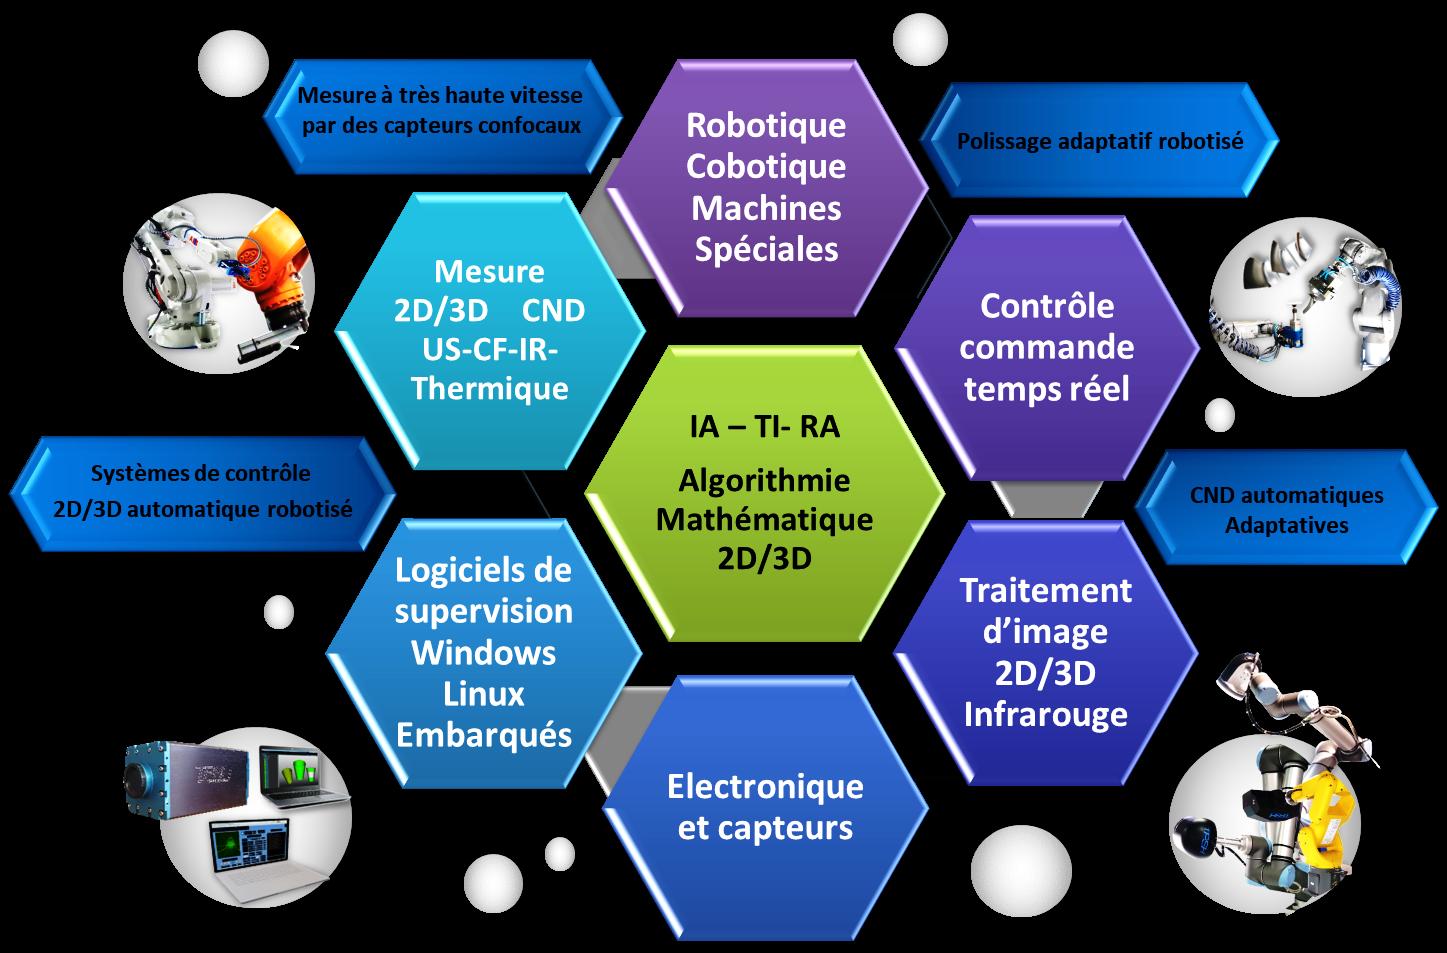 Avancées technologiques de contrôle 2D-3D automatique_robotisé_cobotisé TPSH